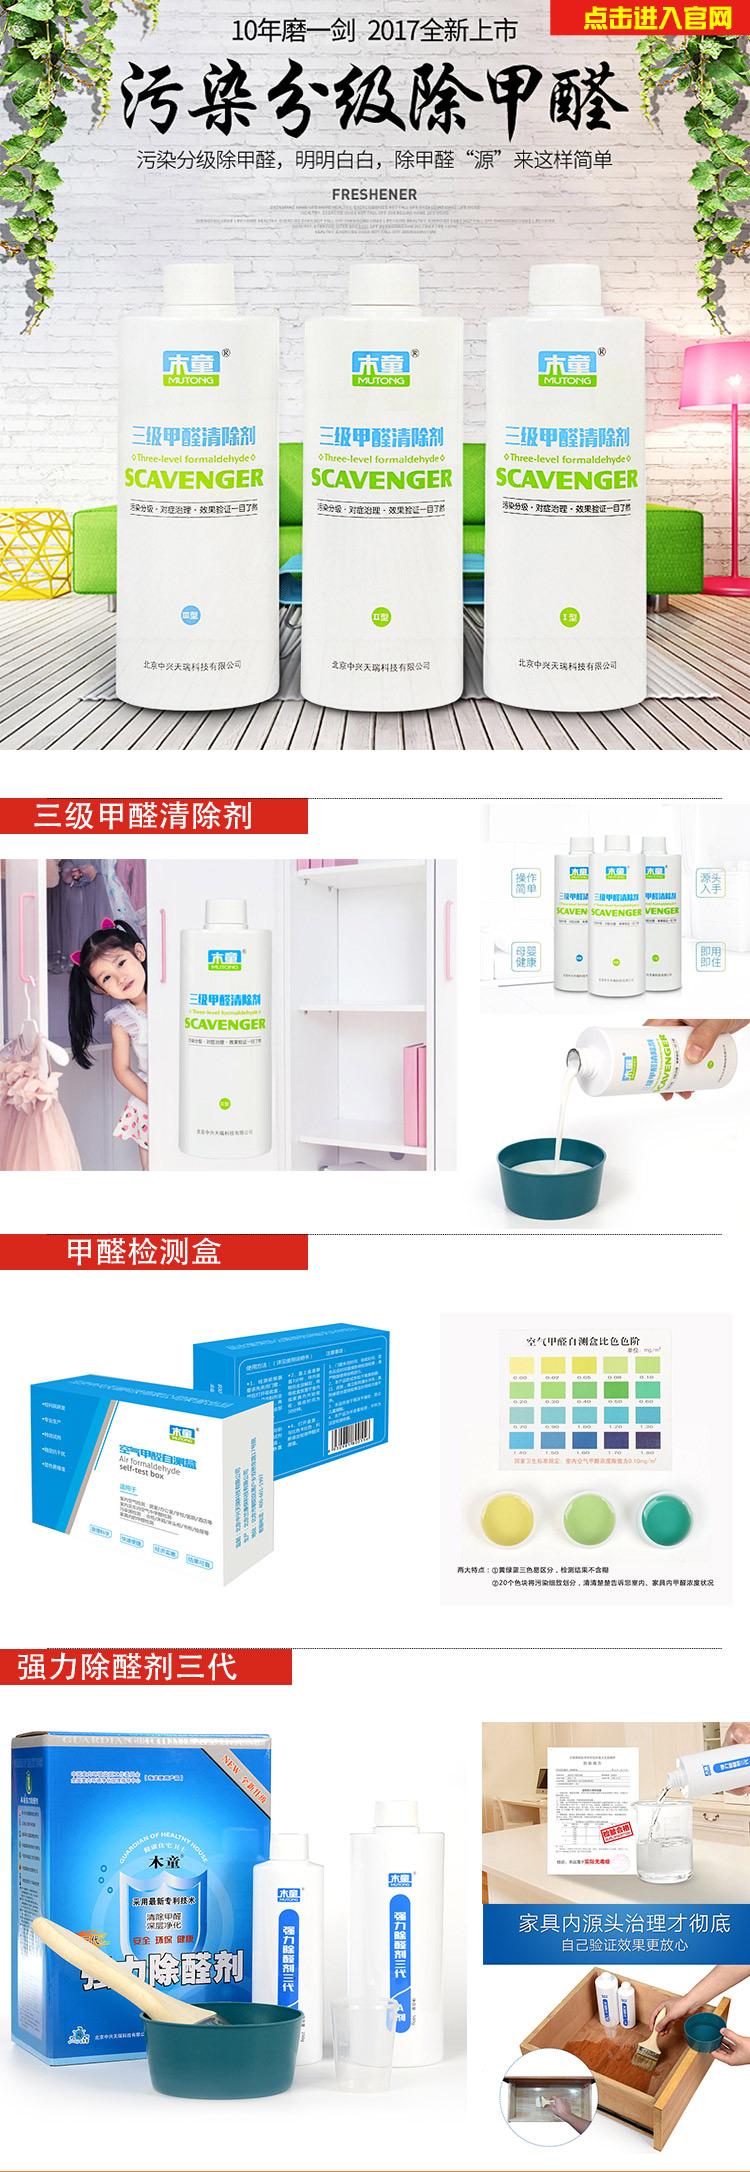 http://www.qwican.com/fangchanshichang/1802346.html